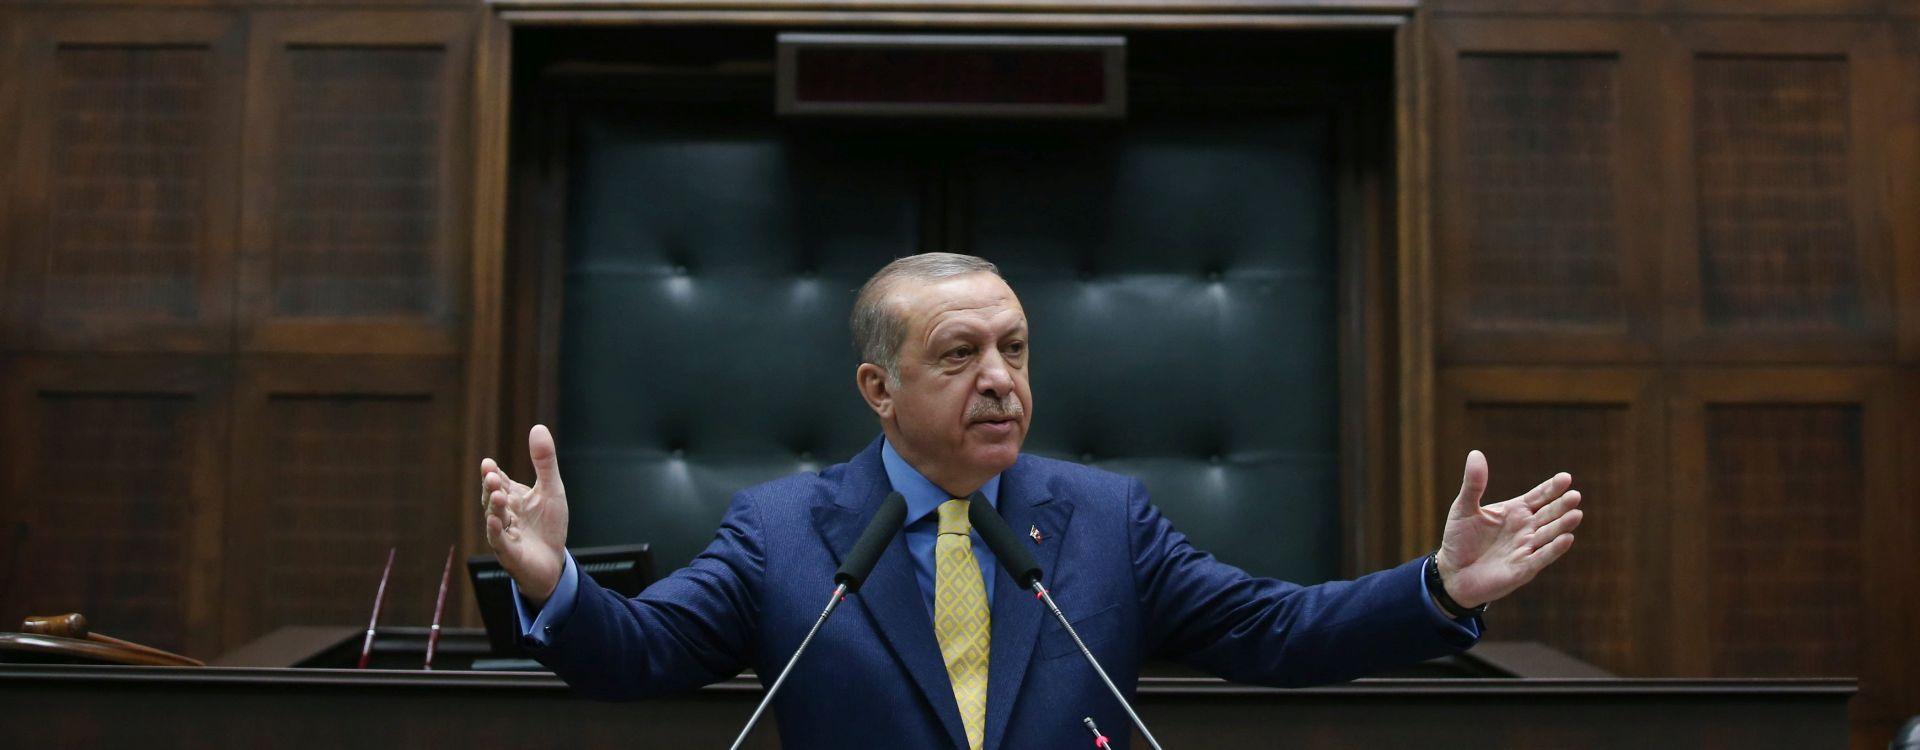 Erdogan se nada da će otvoriti tursko veleposlanstvo u istočnom Jeruzalemu